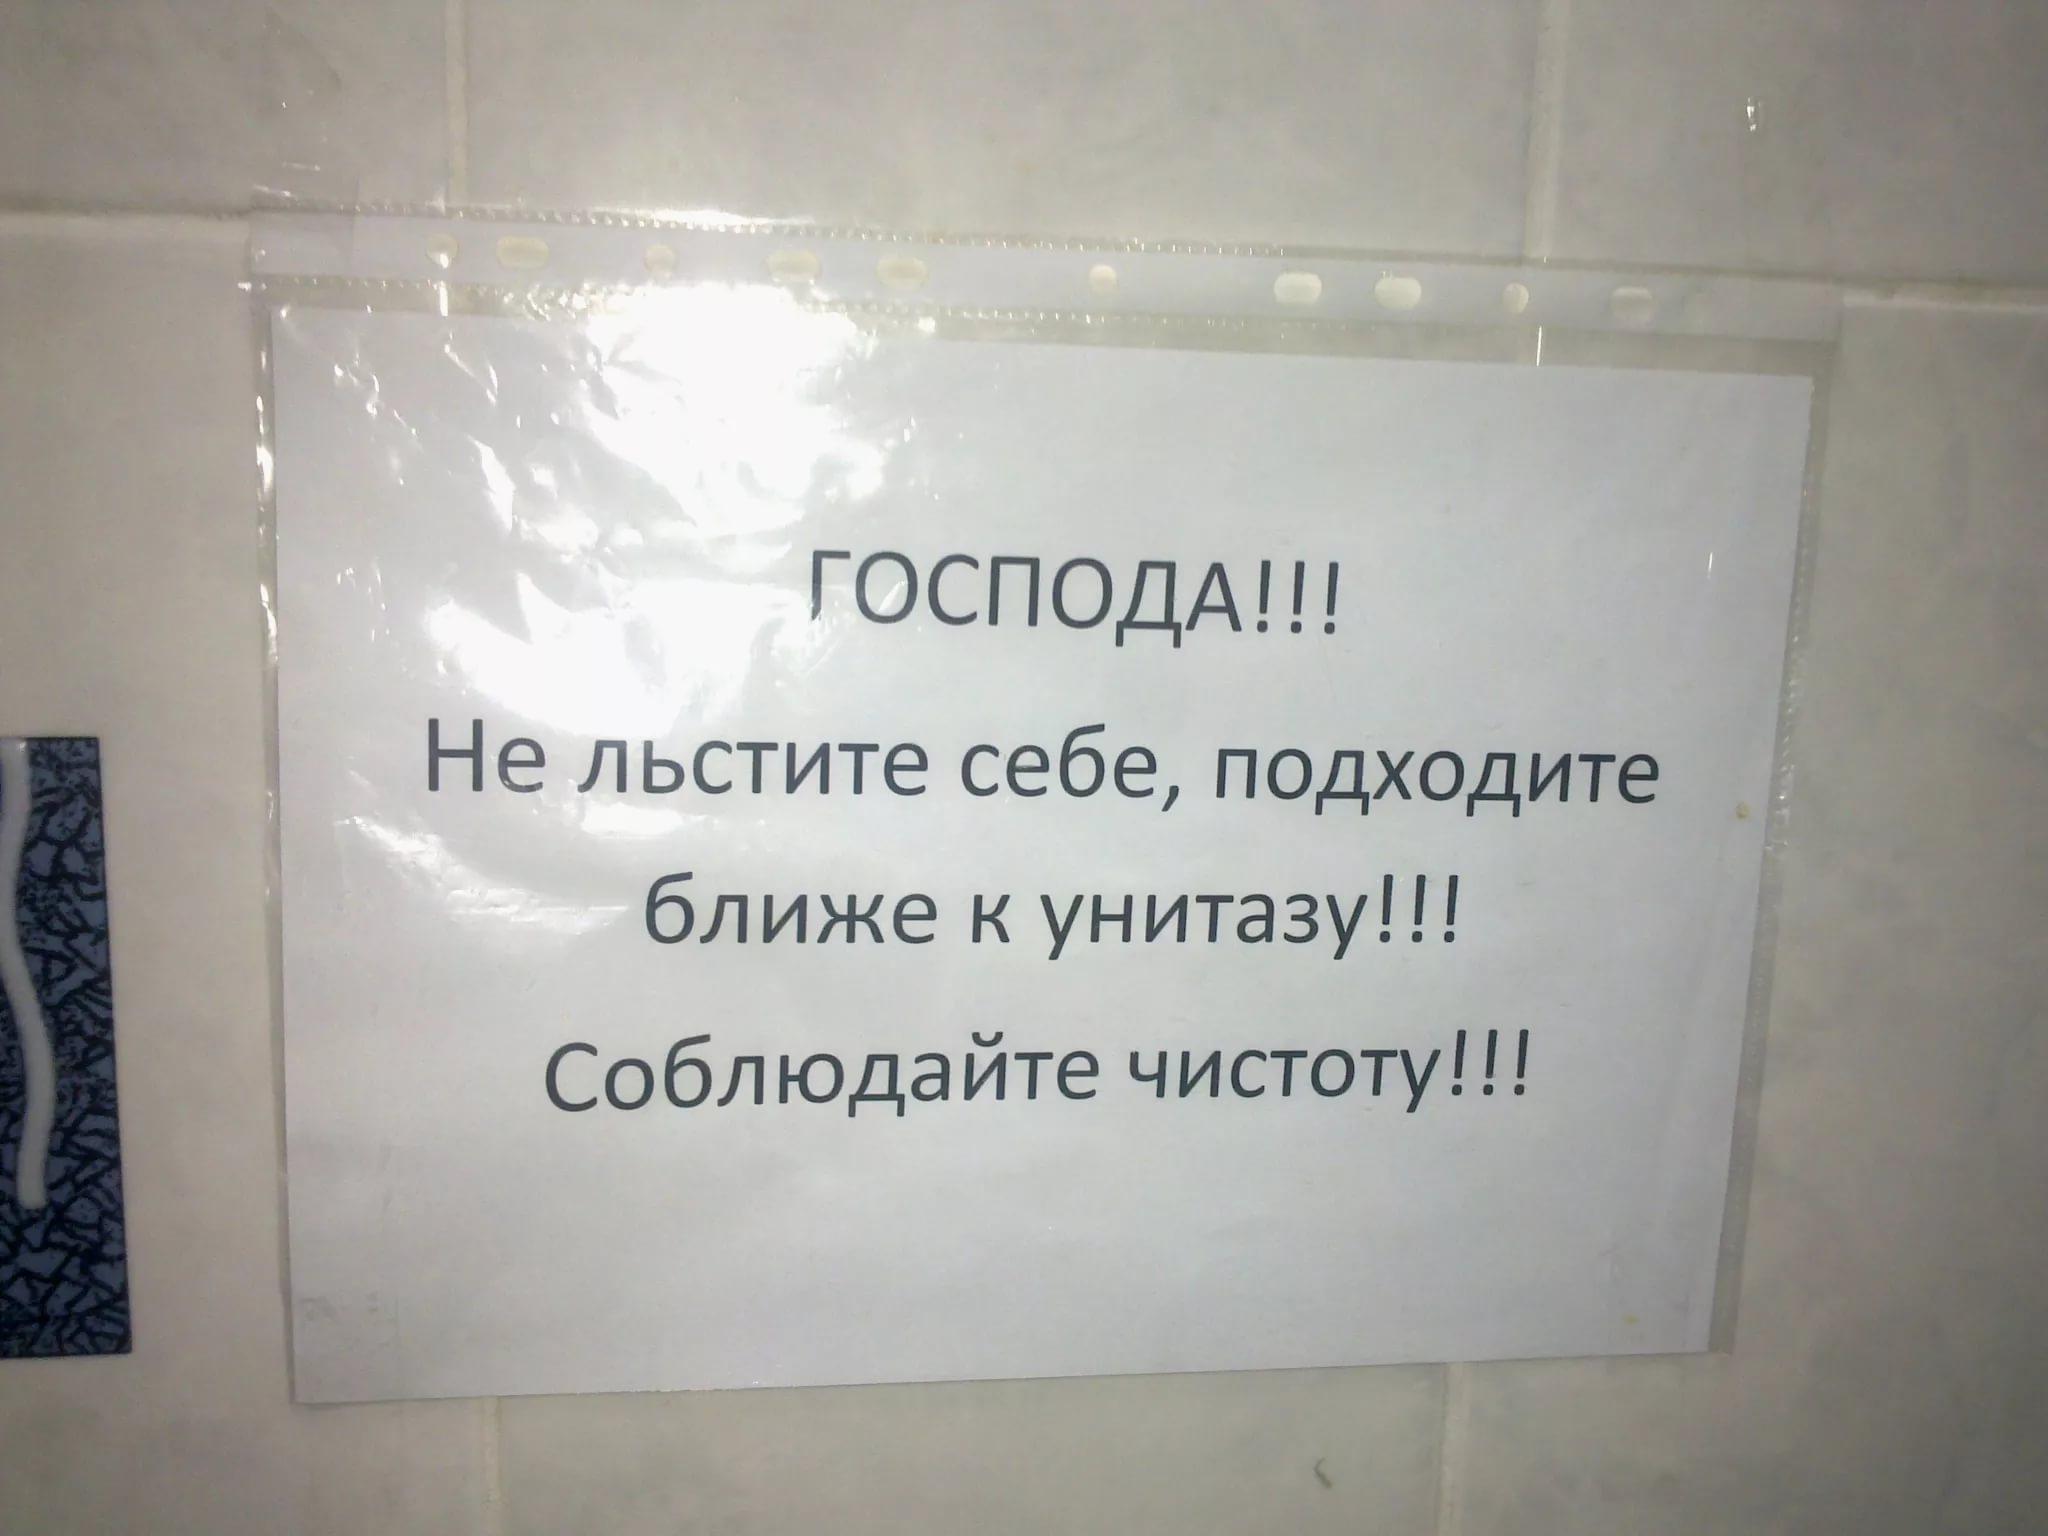 Картинка для чистоты туалета